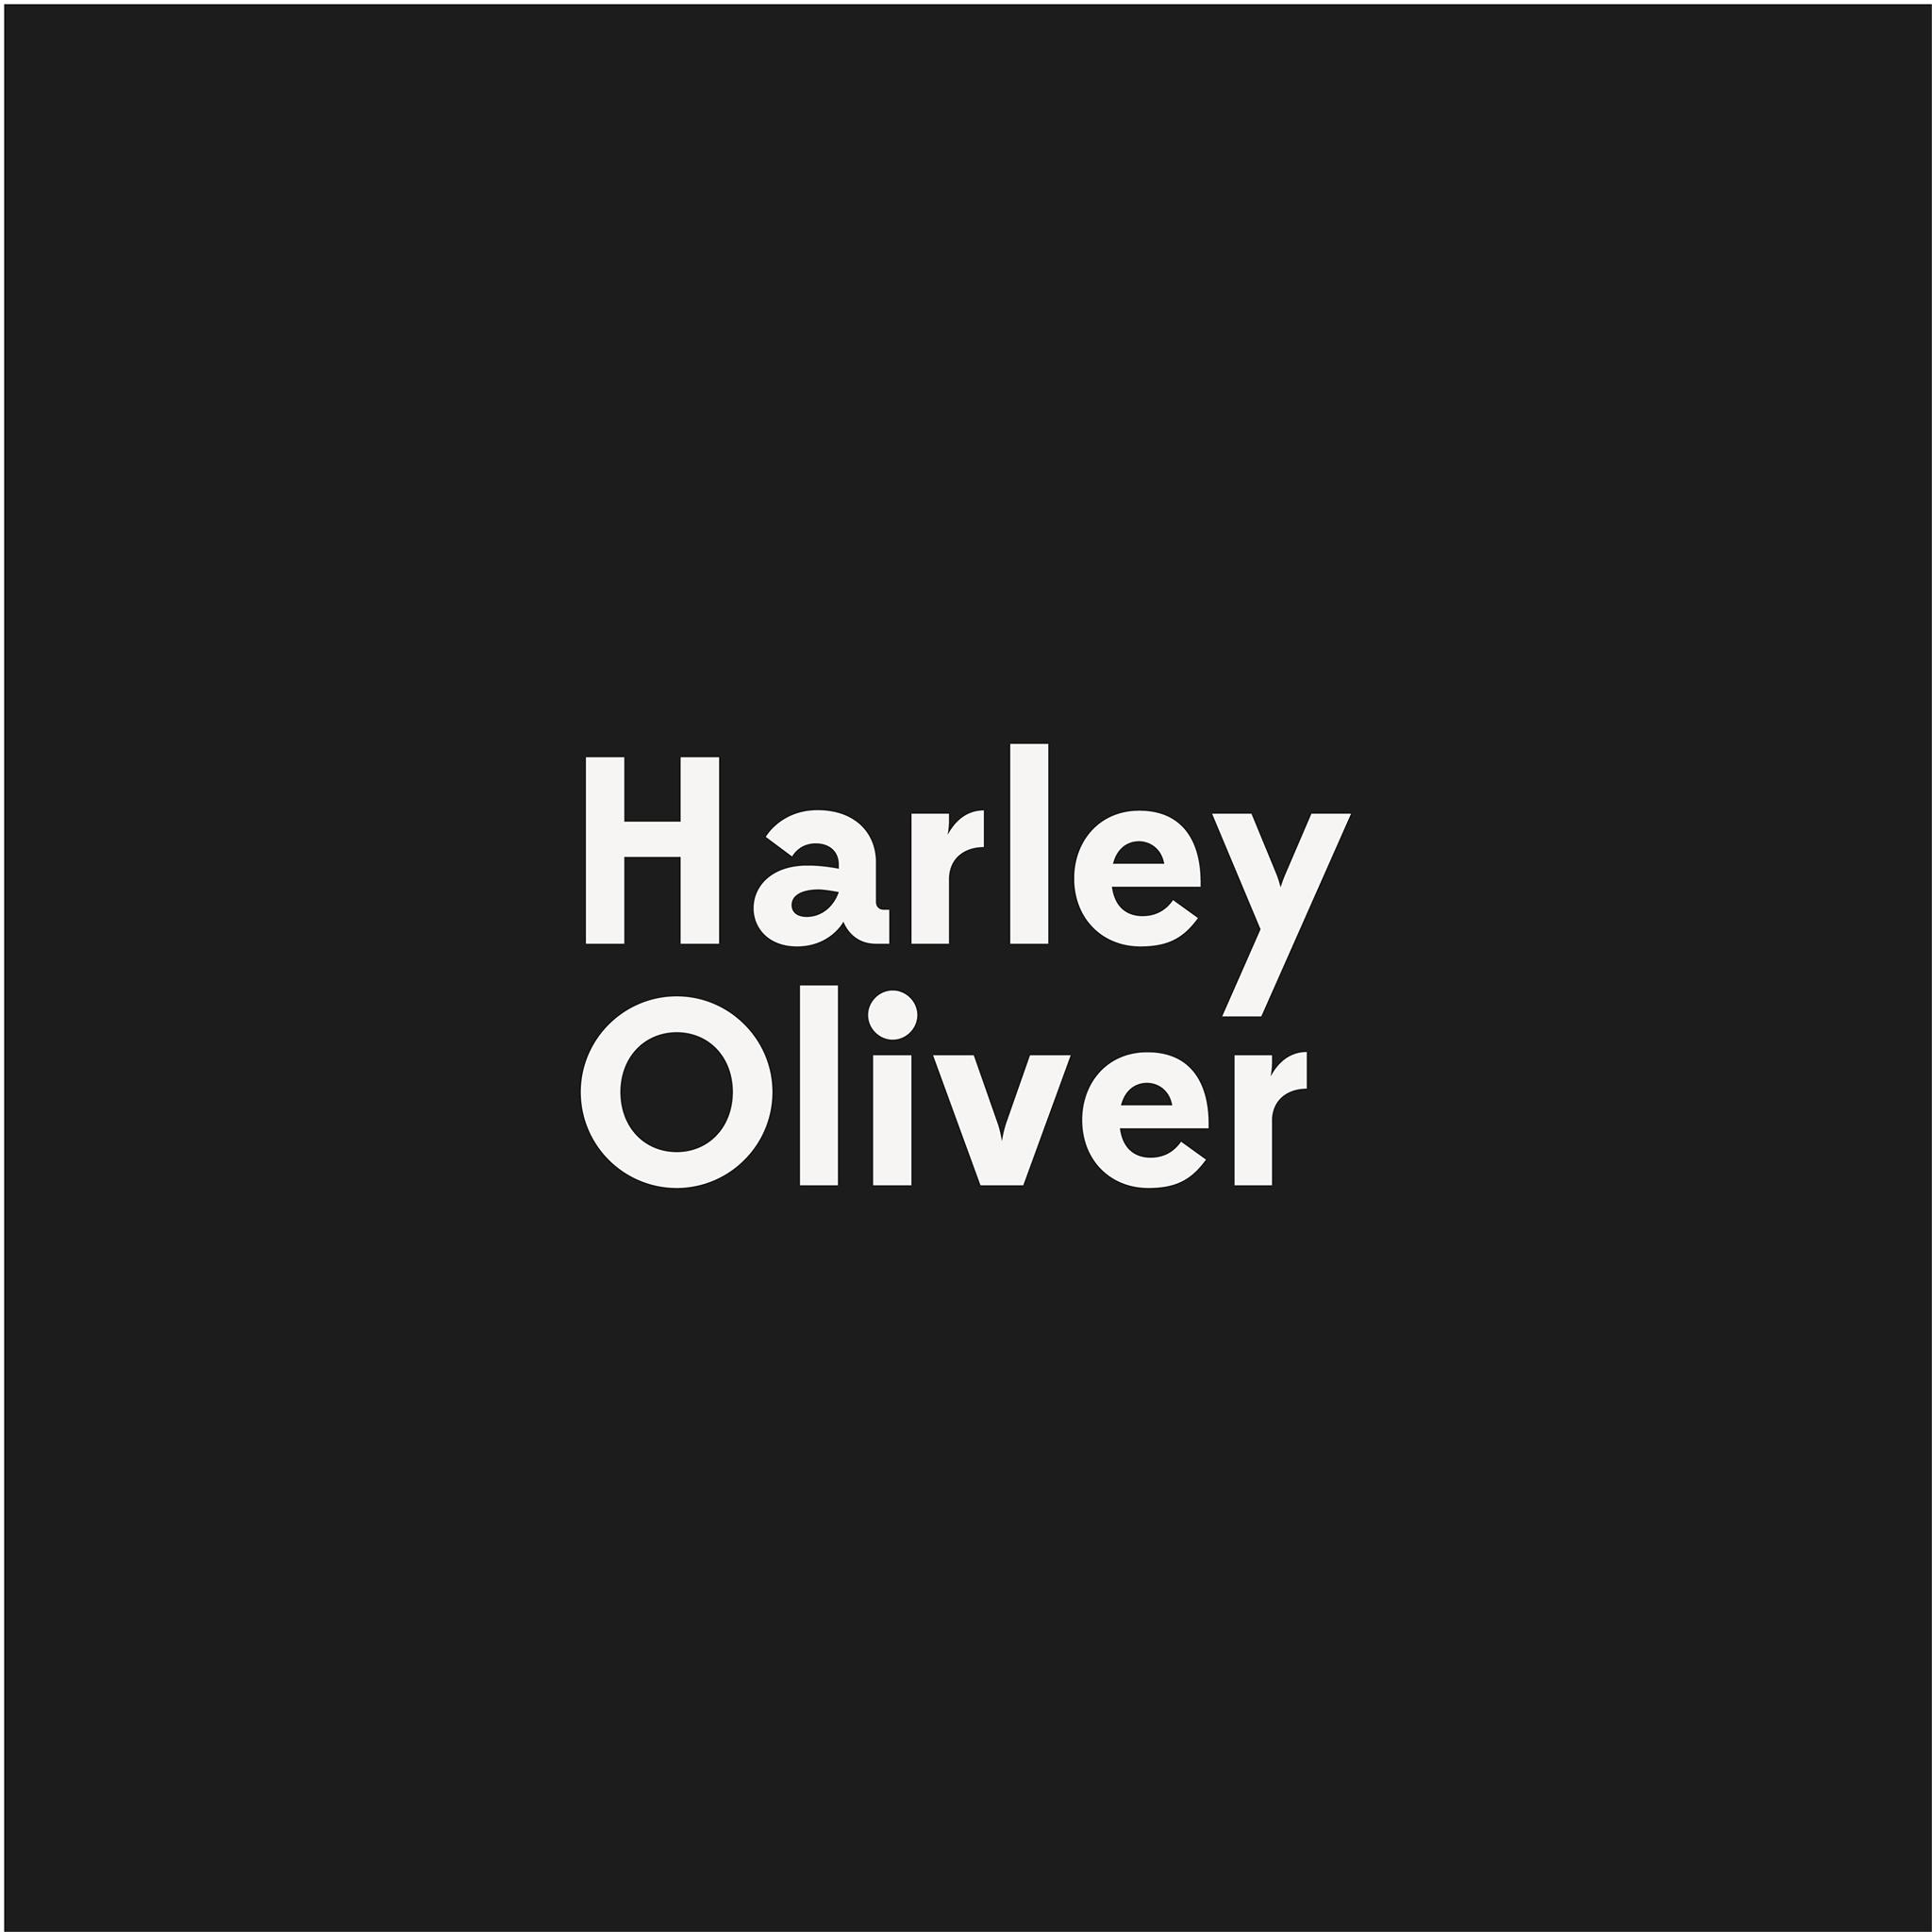 Harley Oliver Logo